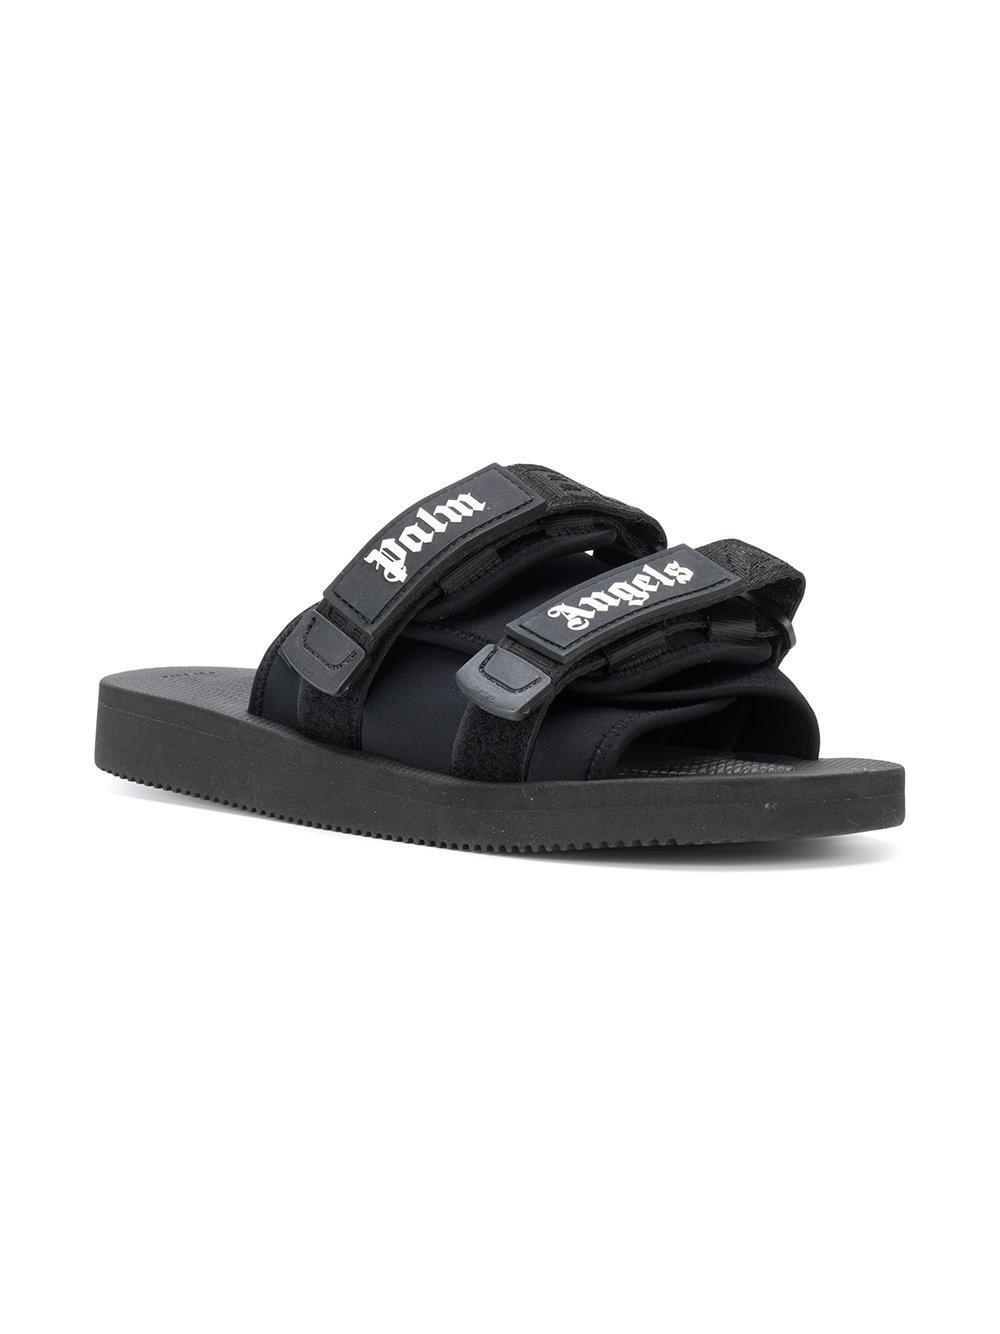 77d91c314c4b Palm Angels X Suicoke Slides in Black for Men - Lyst